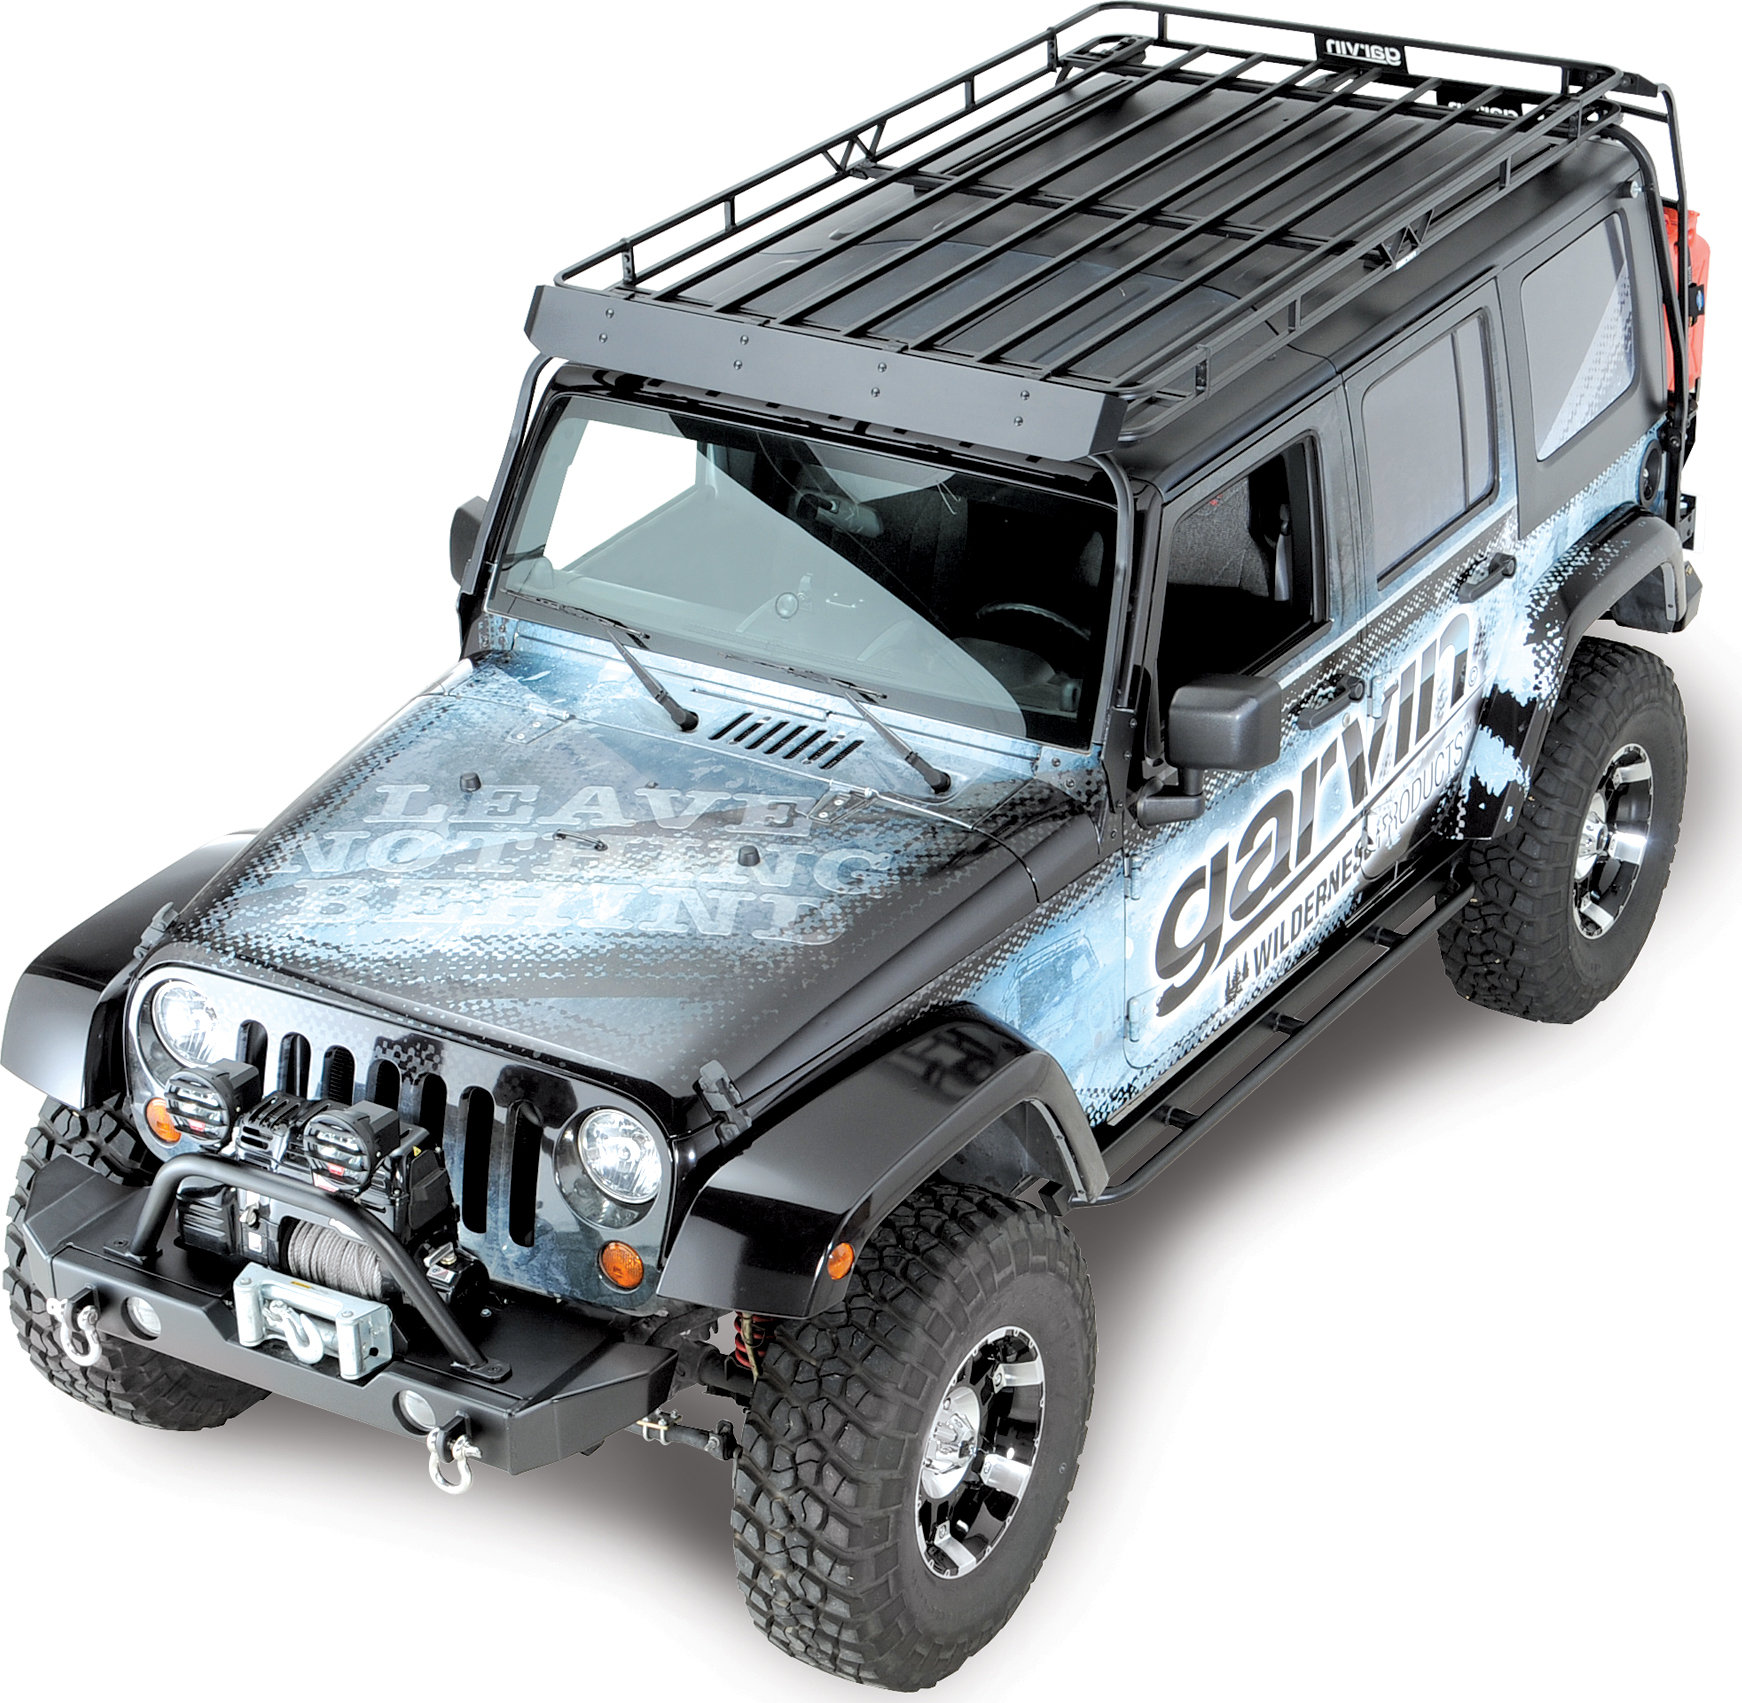 garvin 44074 wilderness expedition rack for 07 18 jeep wrangler unlimited jk 4 door